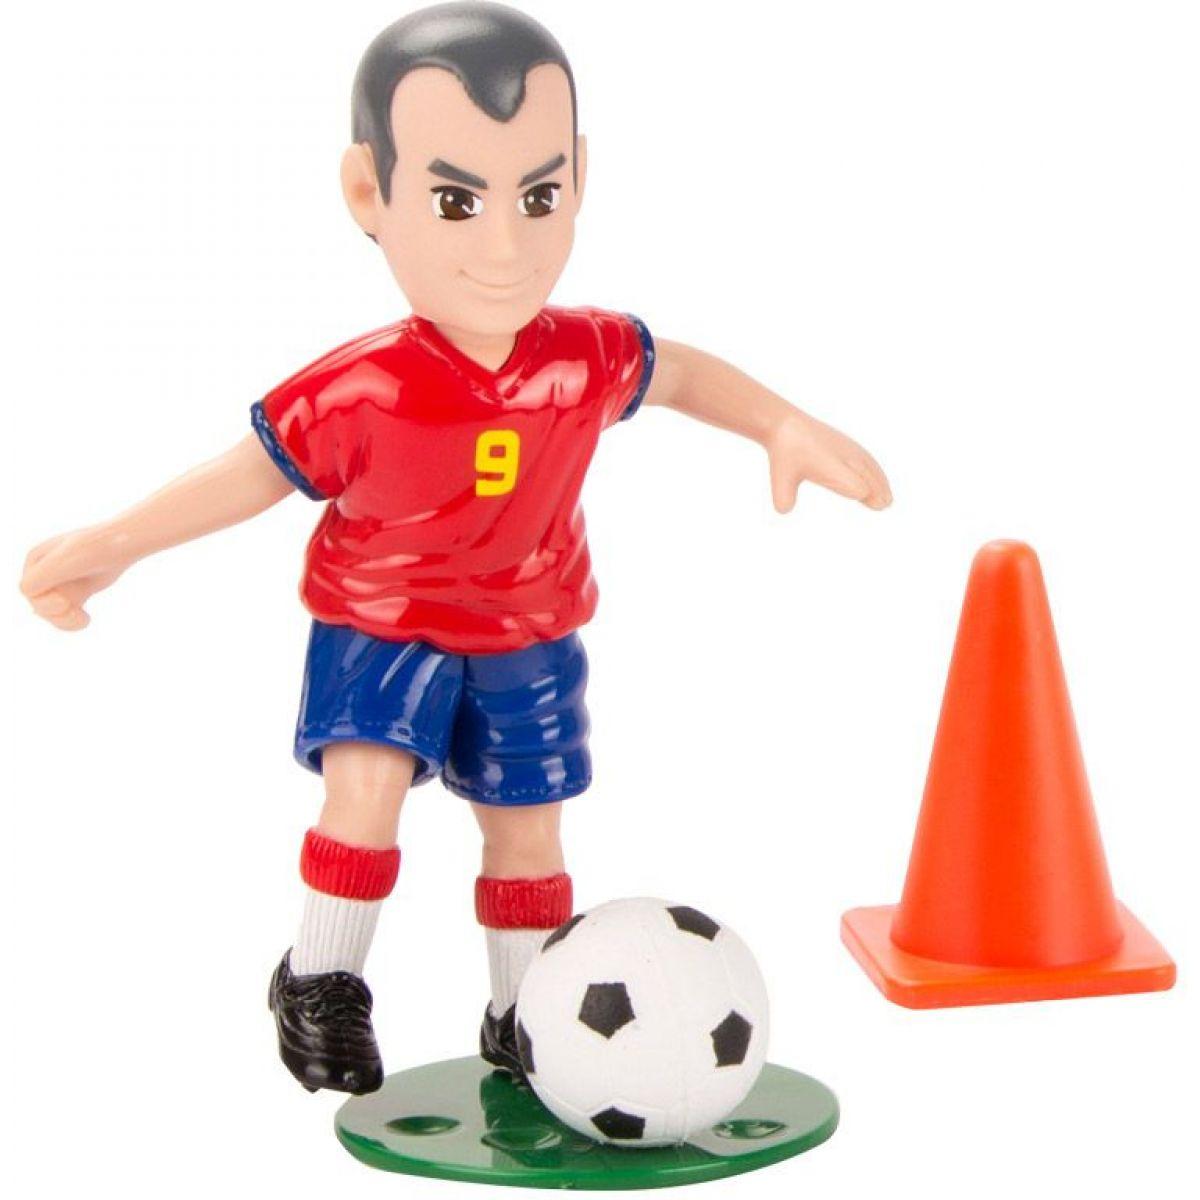 EP Line Shooters figurka Španělsko č. 9